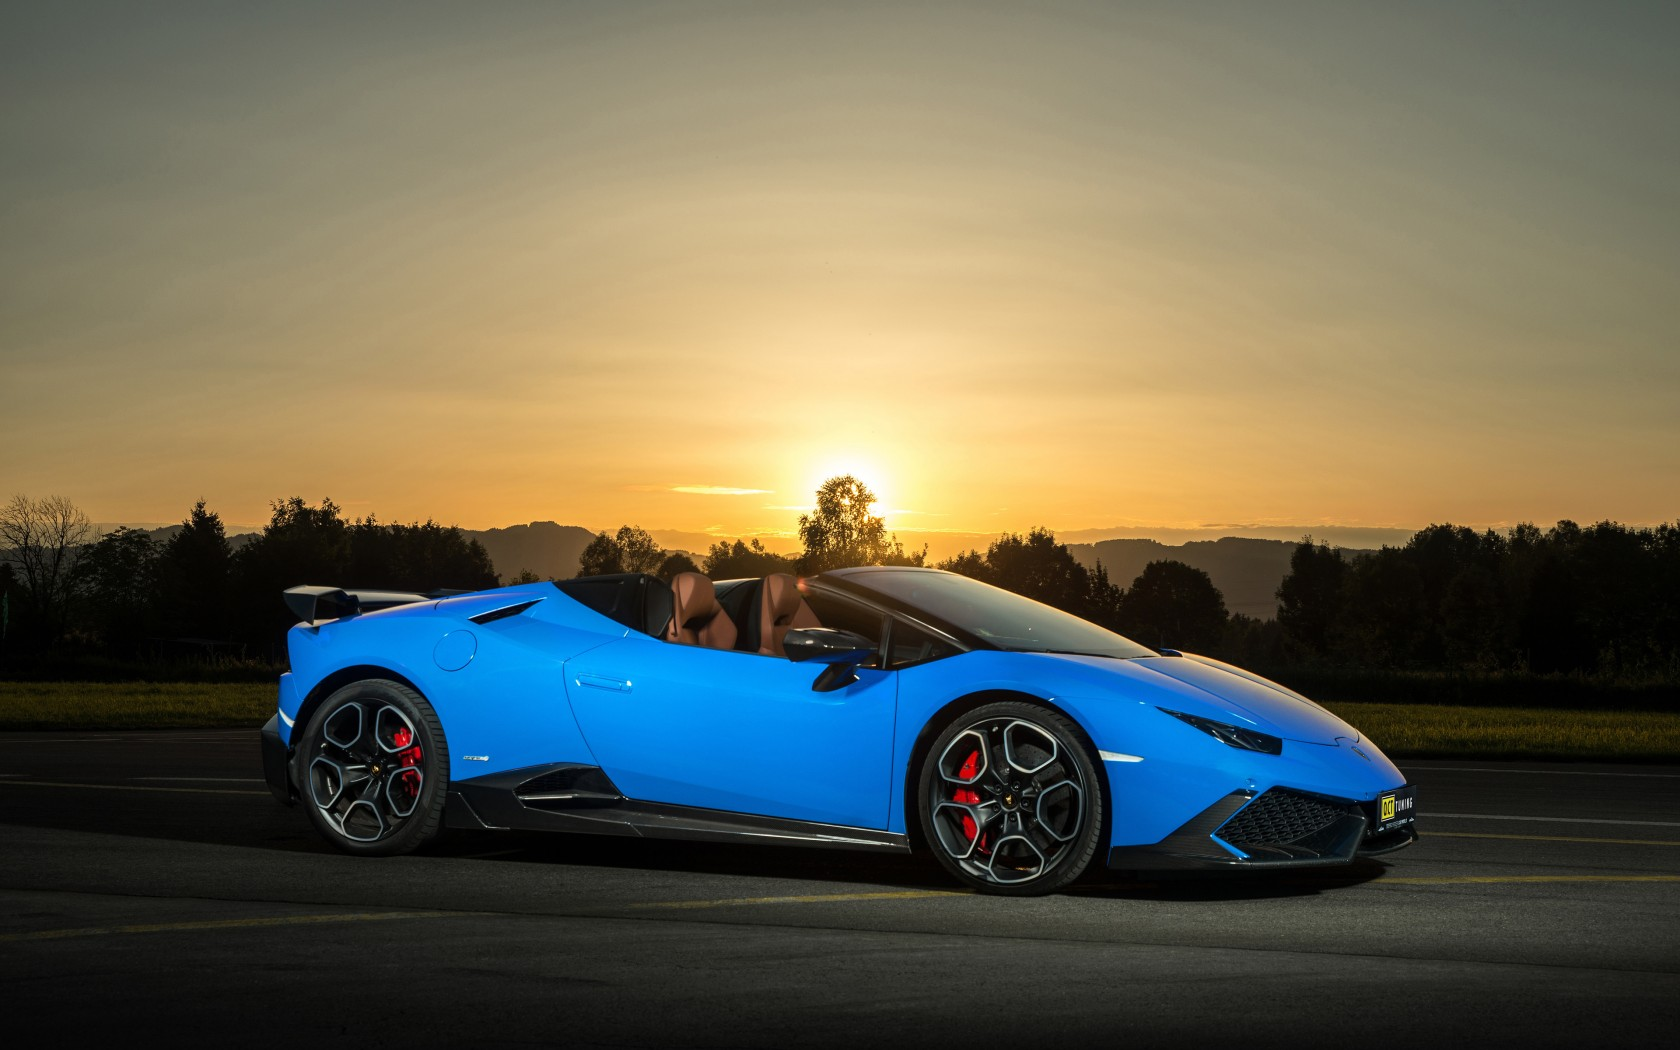 2017 OCT Tuning Lamborghini Huracan 4K Wallpaper | HD Car ...